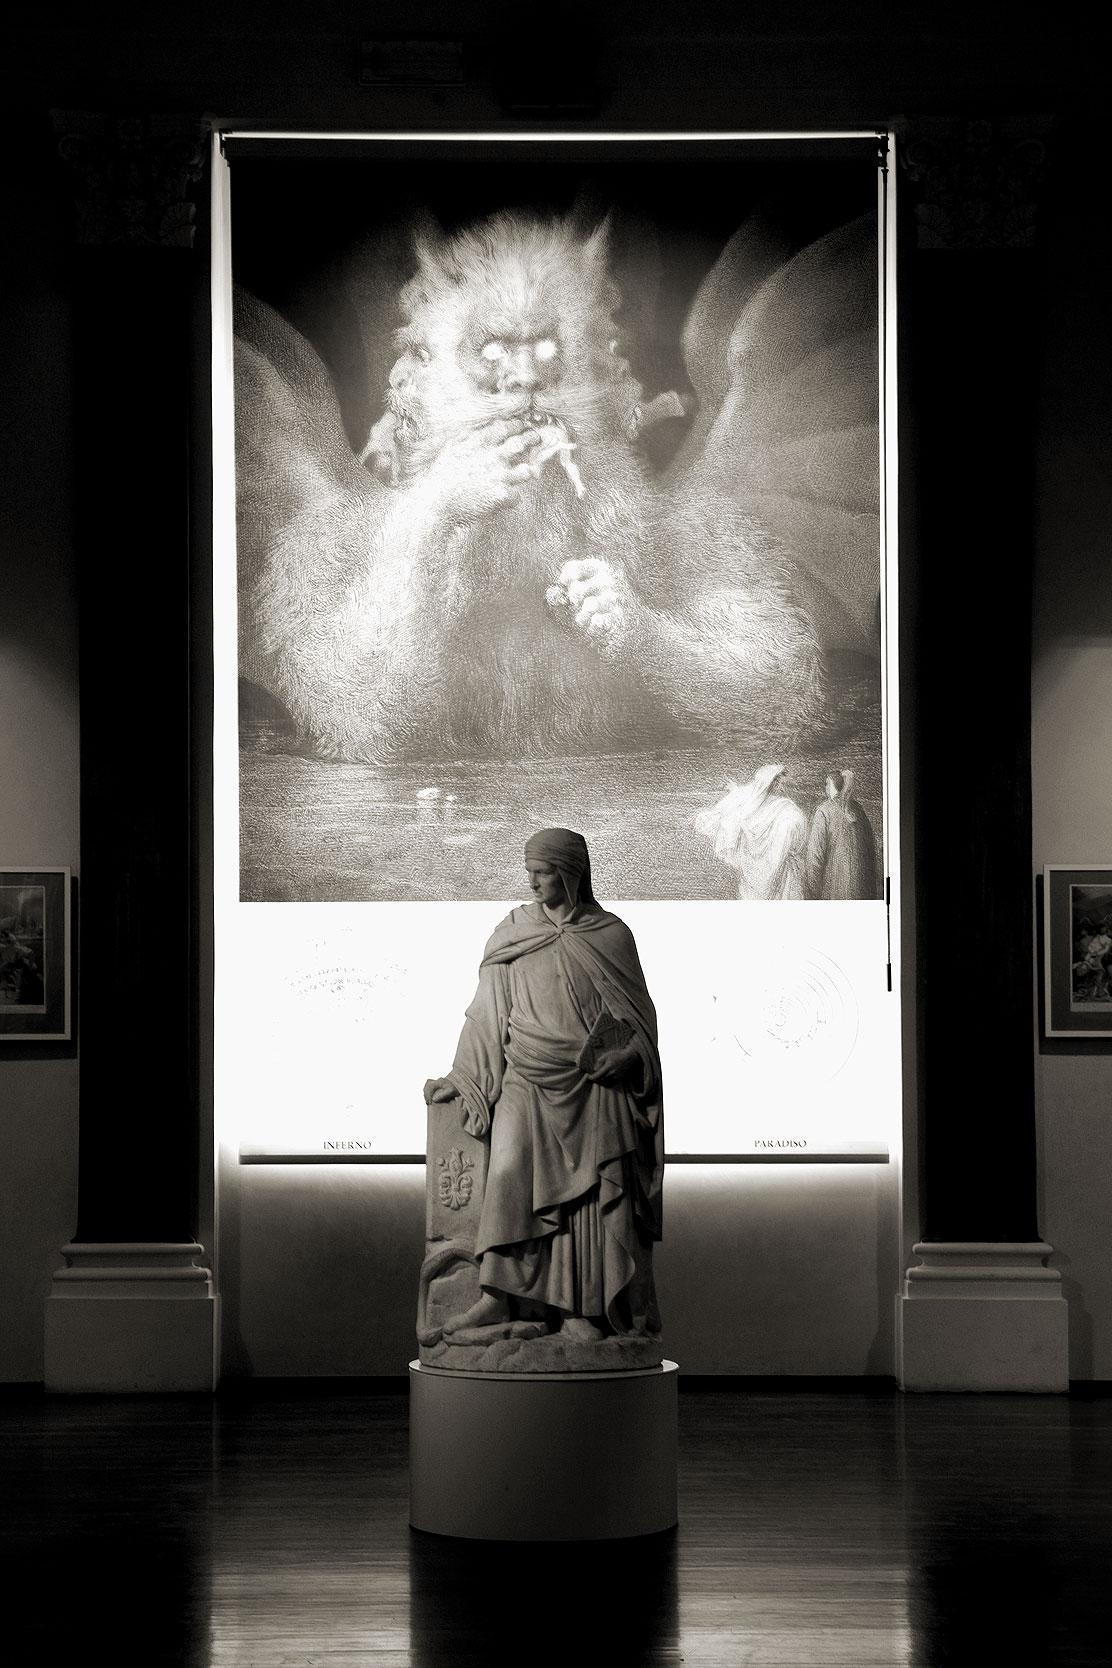 Mostra Divina Commedia Fondazione Magnani Rocca - Foto: Giovanni Amoretti